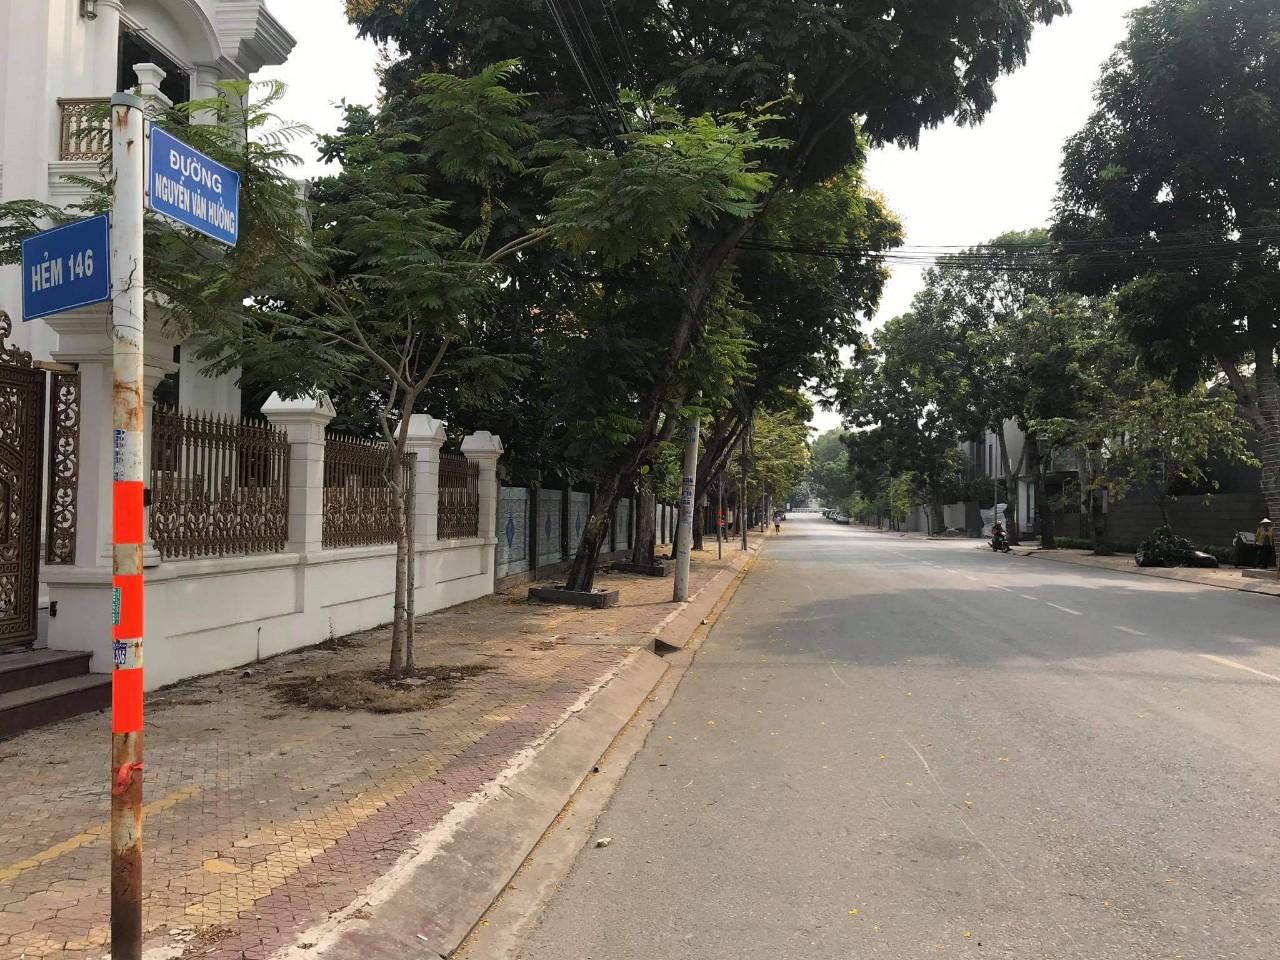 Giá đất đường Nguyễn Văn Hưởng, TP Thủ Đức, TP HCM - Ảnh 1.